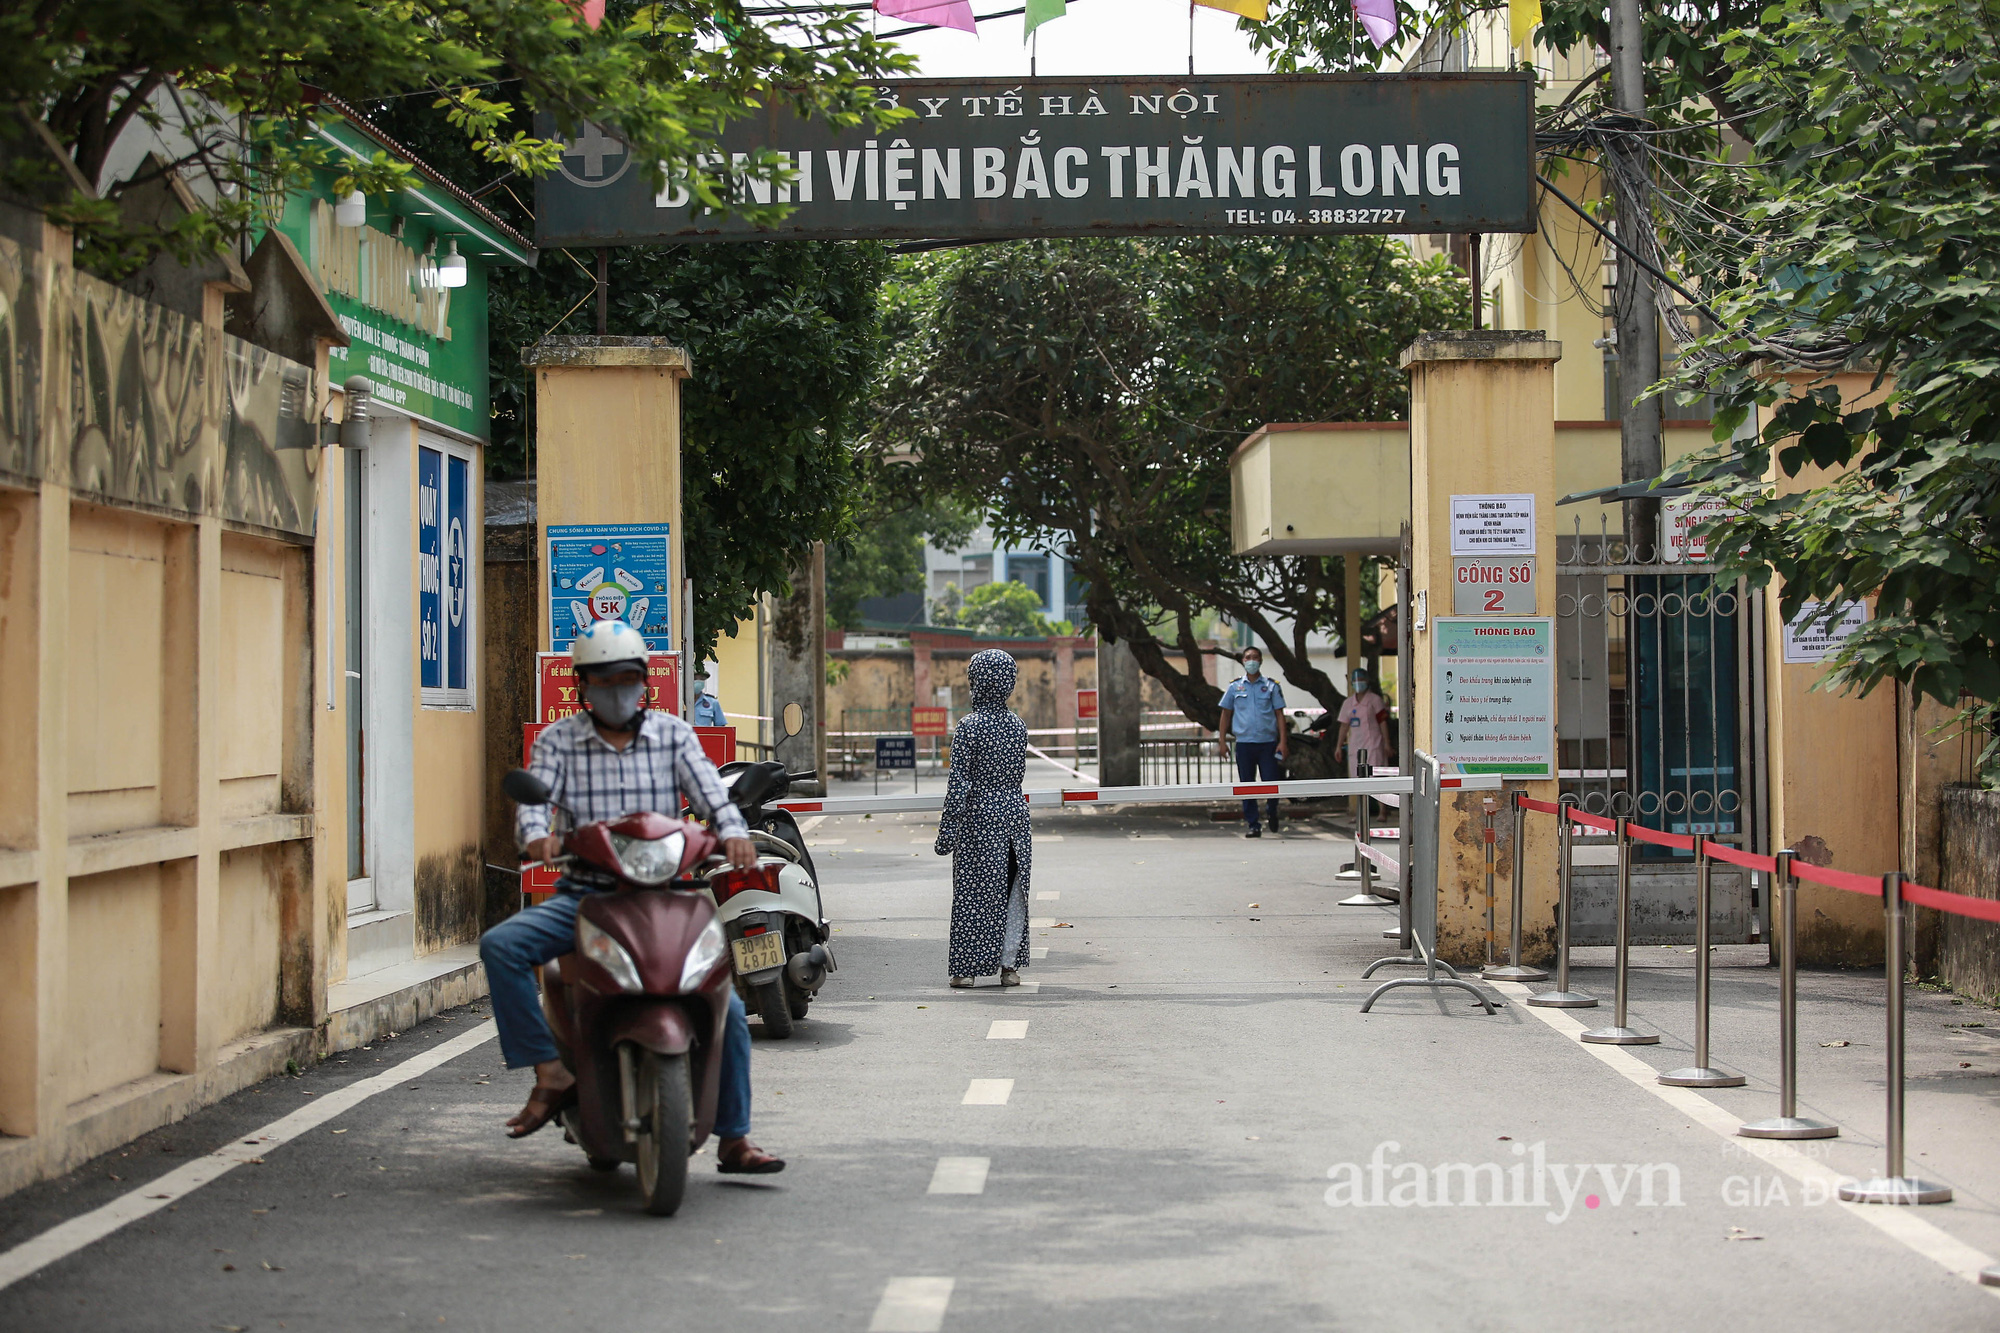 Bệnh viện Bắc Thăng Long tạm thời phong tỏa, dừng tiếp nhận bệnh nhân vì có liên quan đến người phụ nữ bán rau dương tính SARS-CoV-2 trong cộng đồng - Ảnh 6.